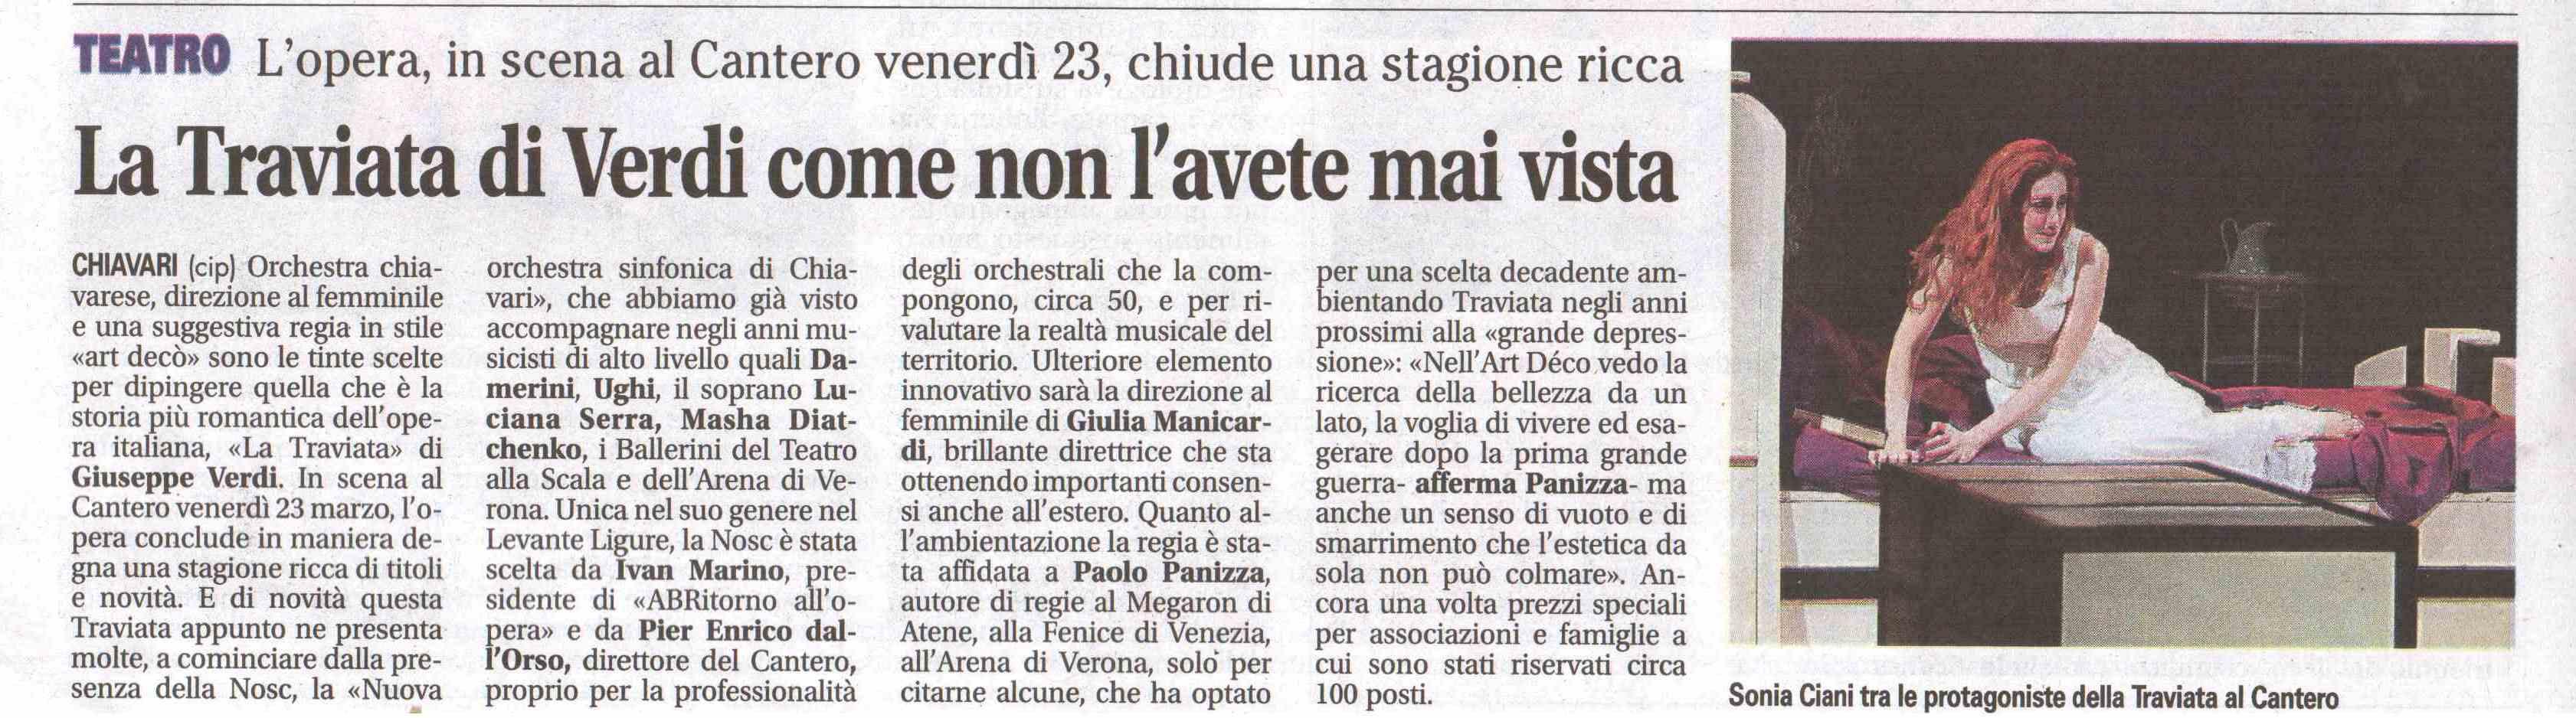 23.03.2012 – IL NUOVO LEVANTE – La Traviata